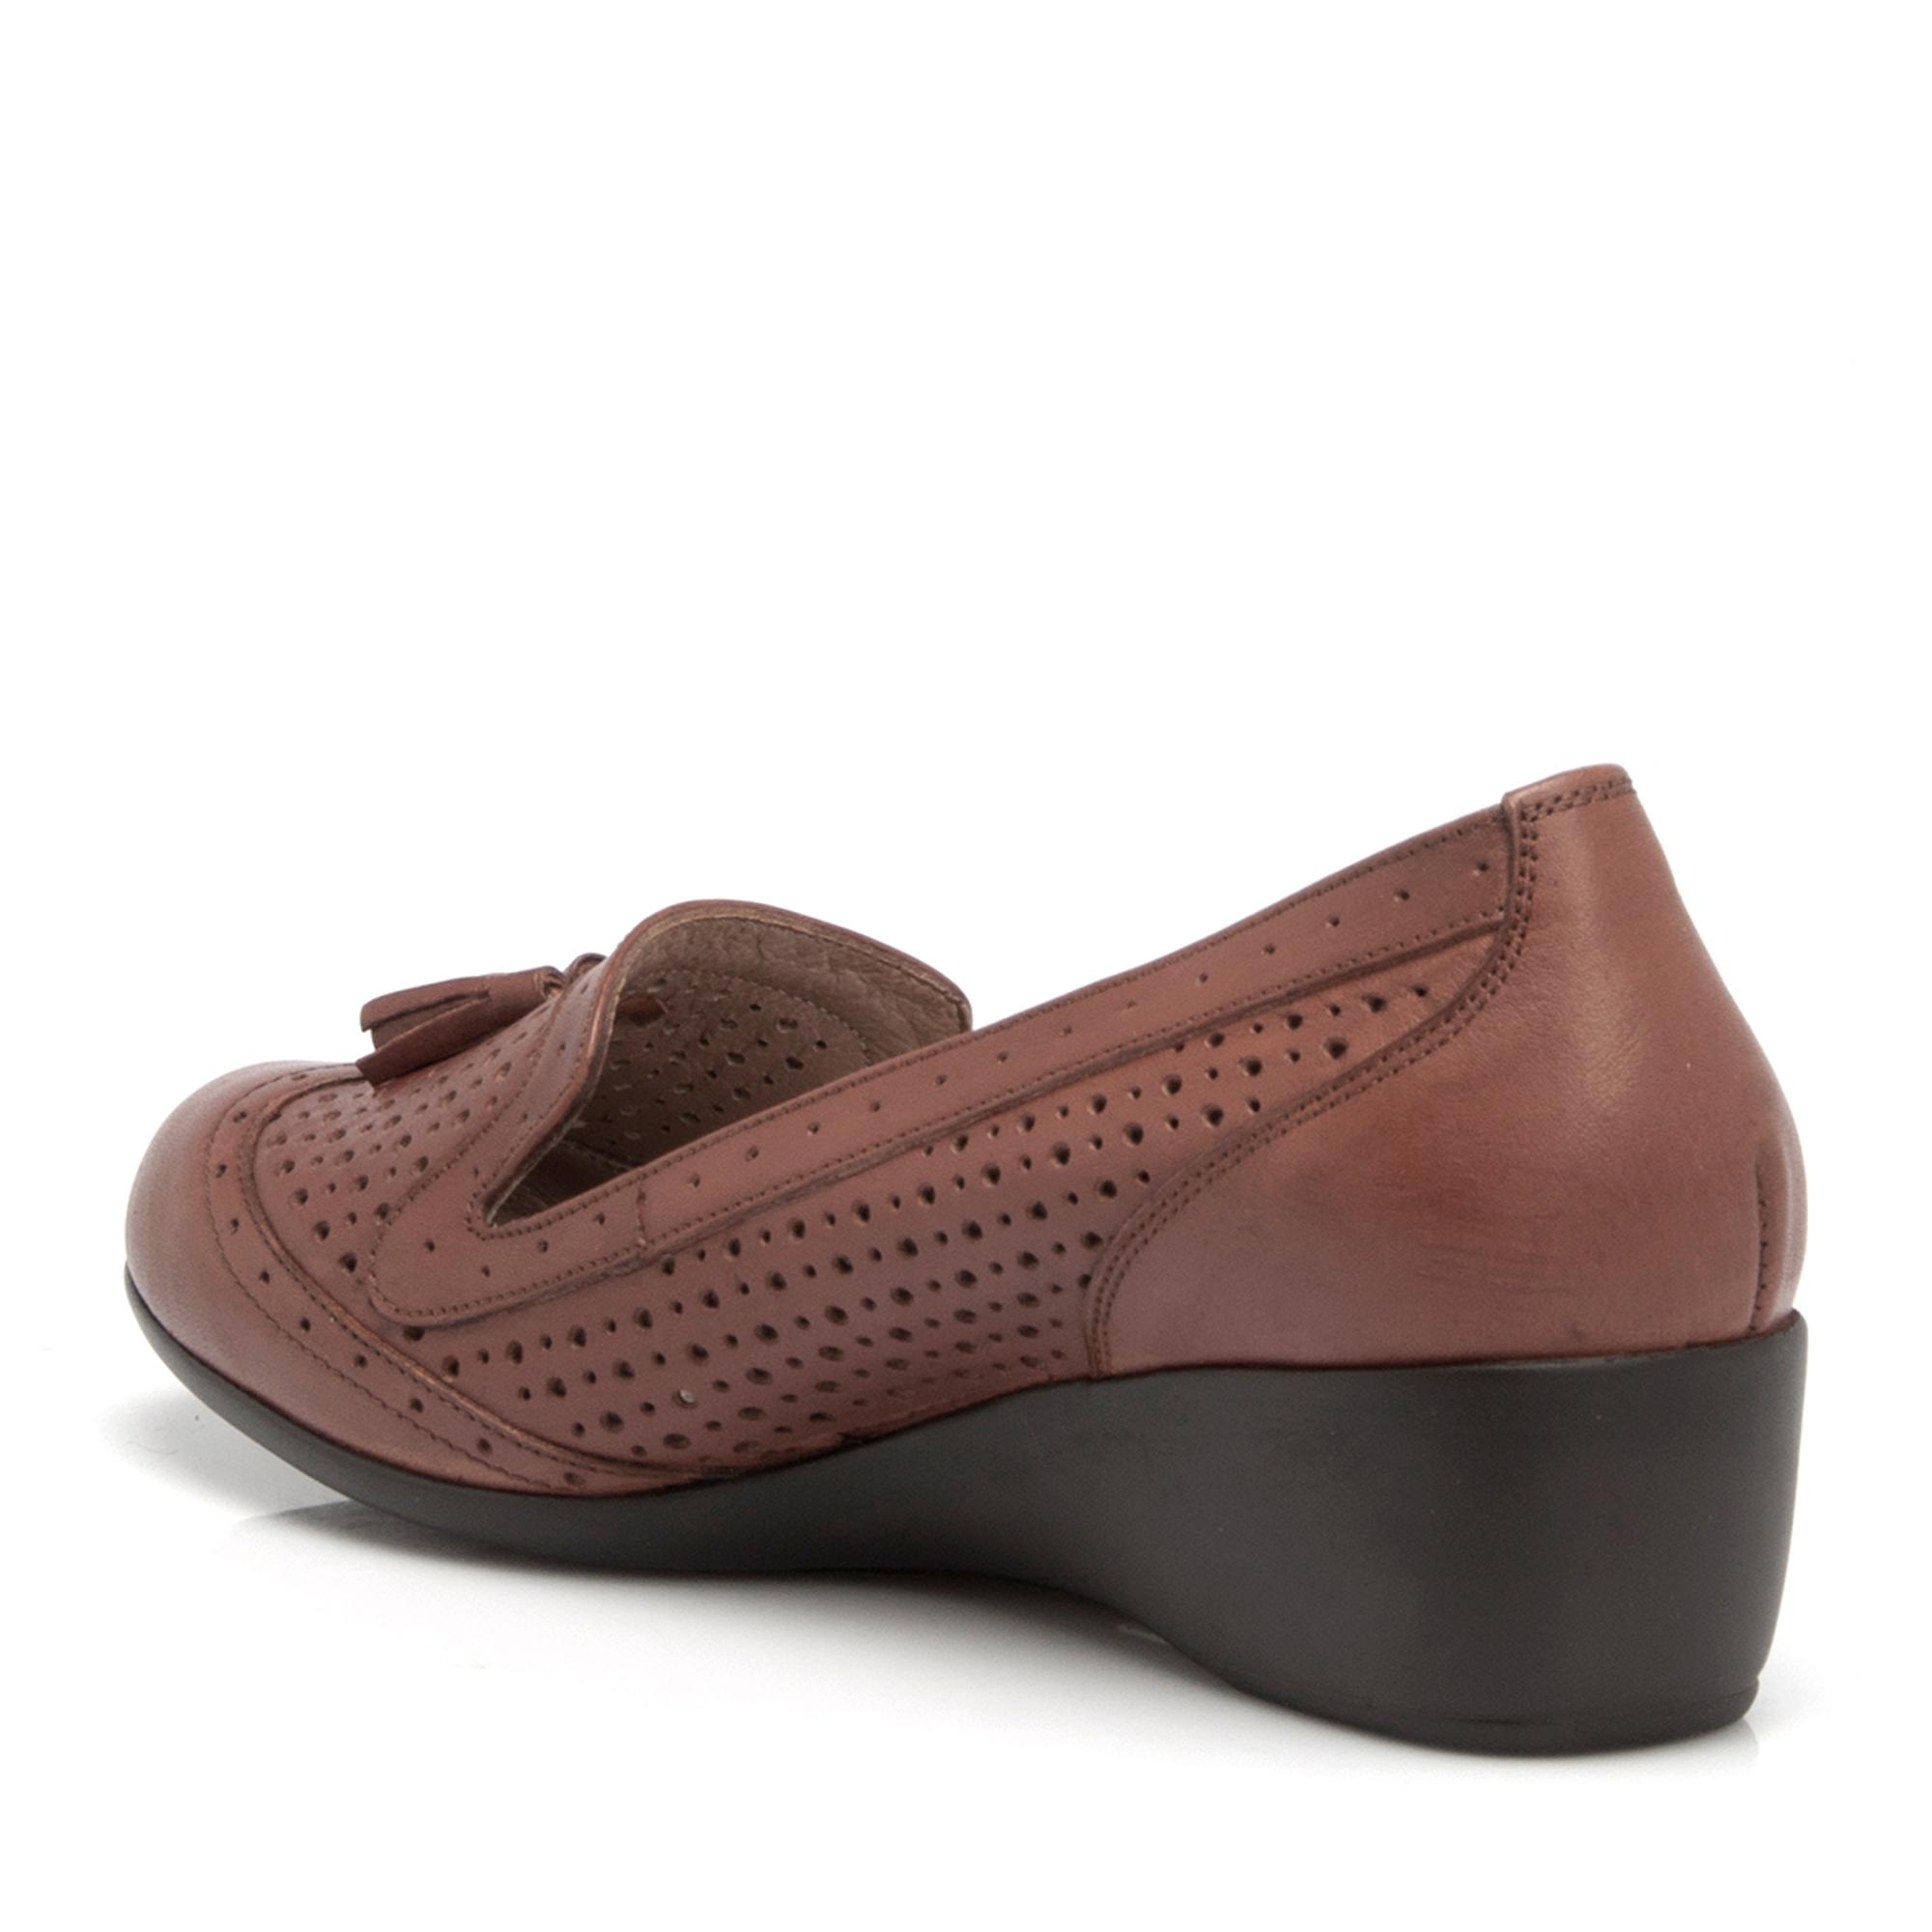 Taba Deri Kadın Ayakkabı 64202A29